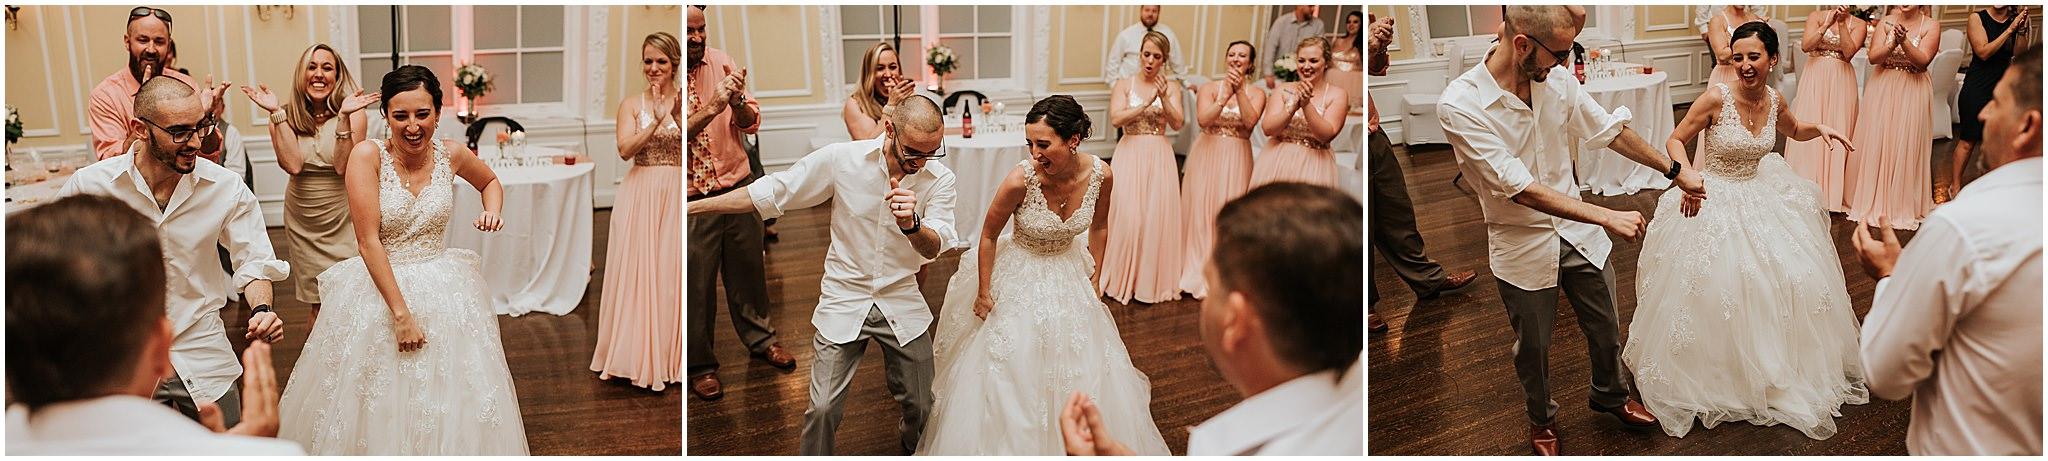 Maria & Brandon The Patrick Henry Ballroom Roanoke VA 342